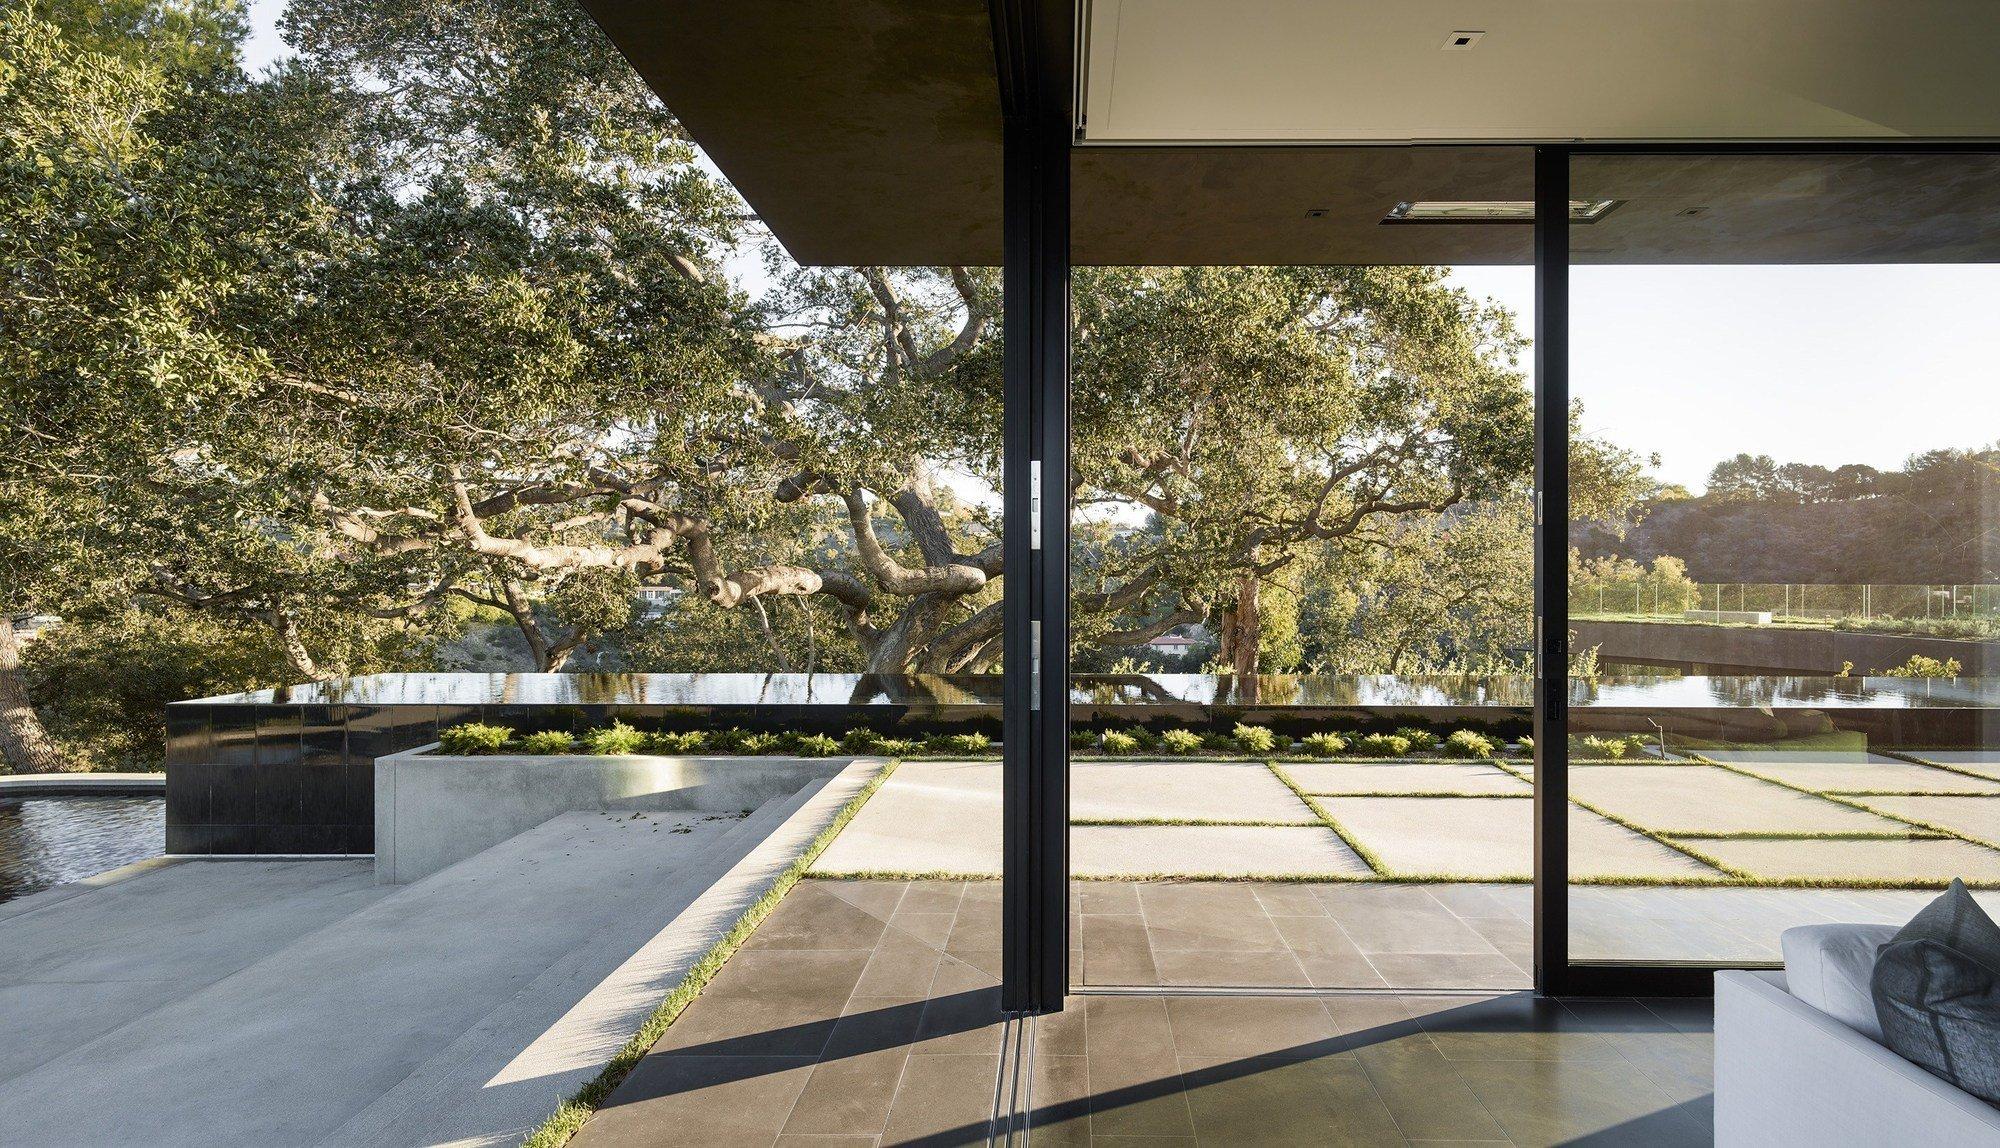 Uprostřed starého dubového háje, na vrcholu kaňonu a vysoko nad rušným městem Beverly Hills, najdete dům, který se vší silou zakusuje do skalnatého svahu. Jak se spí v podzemních ložnicích?